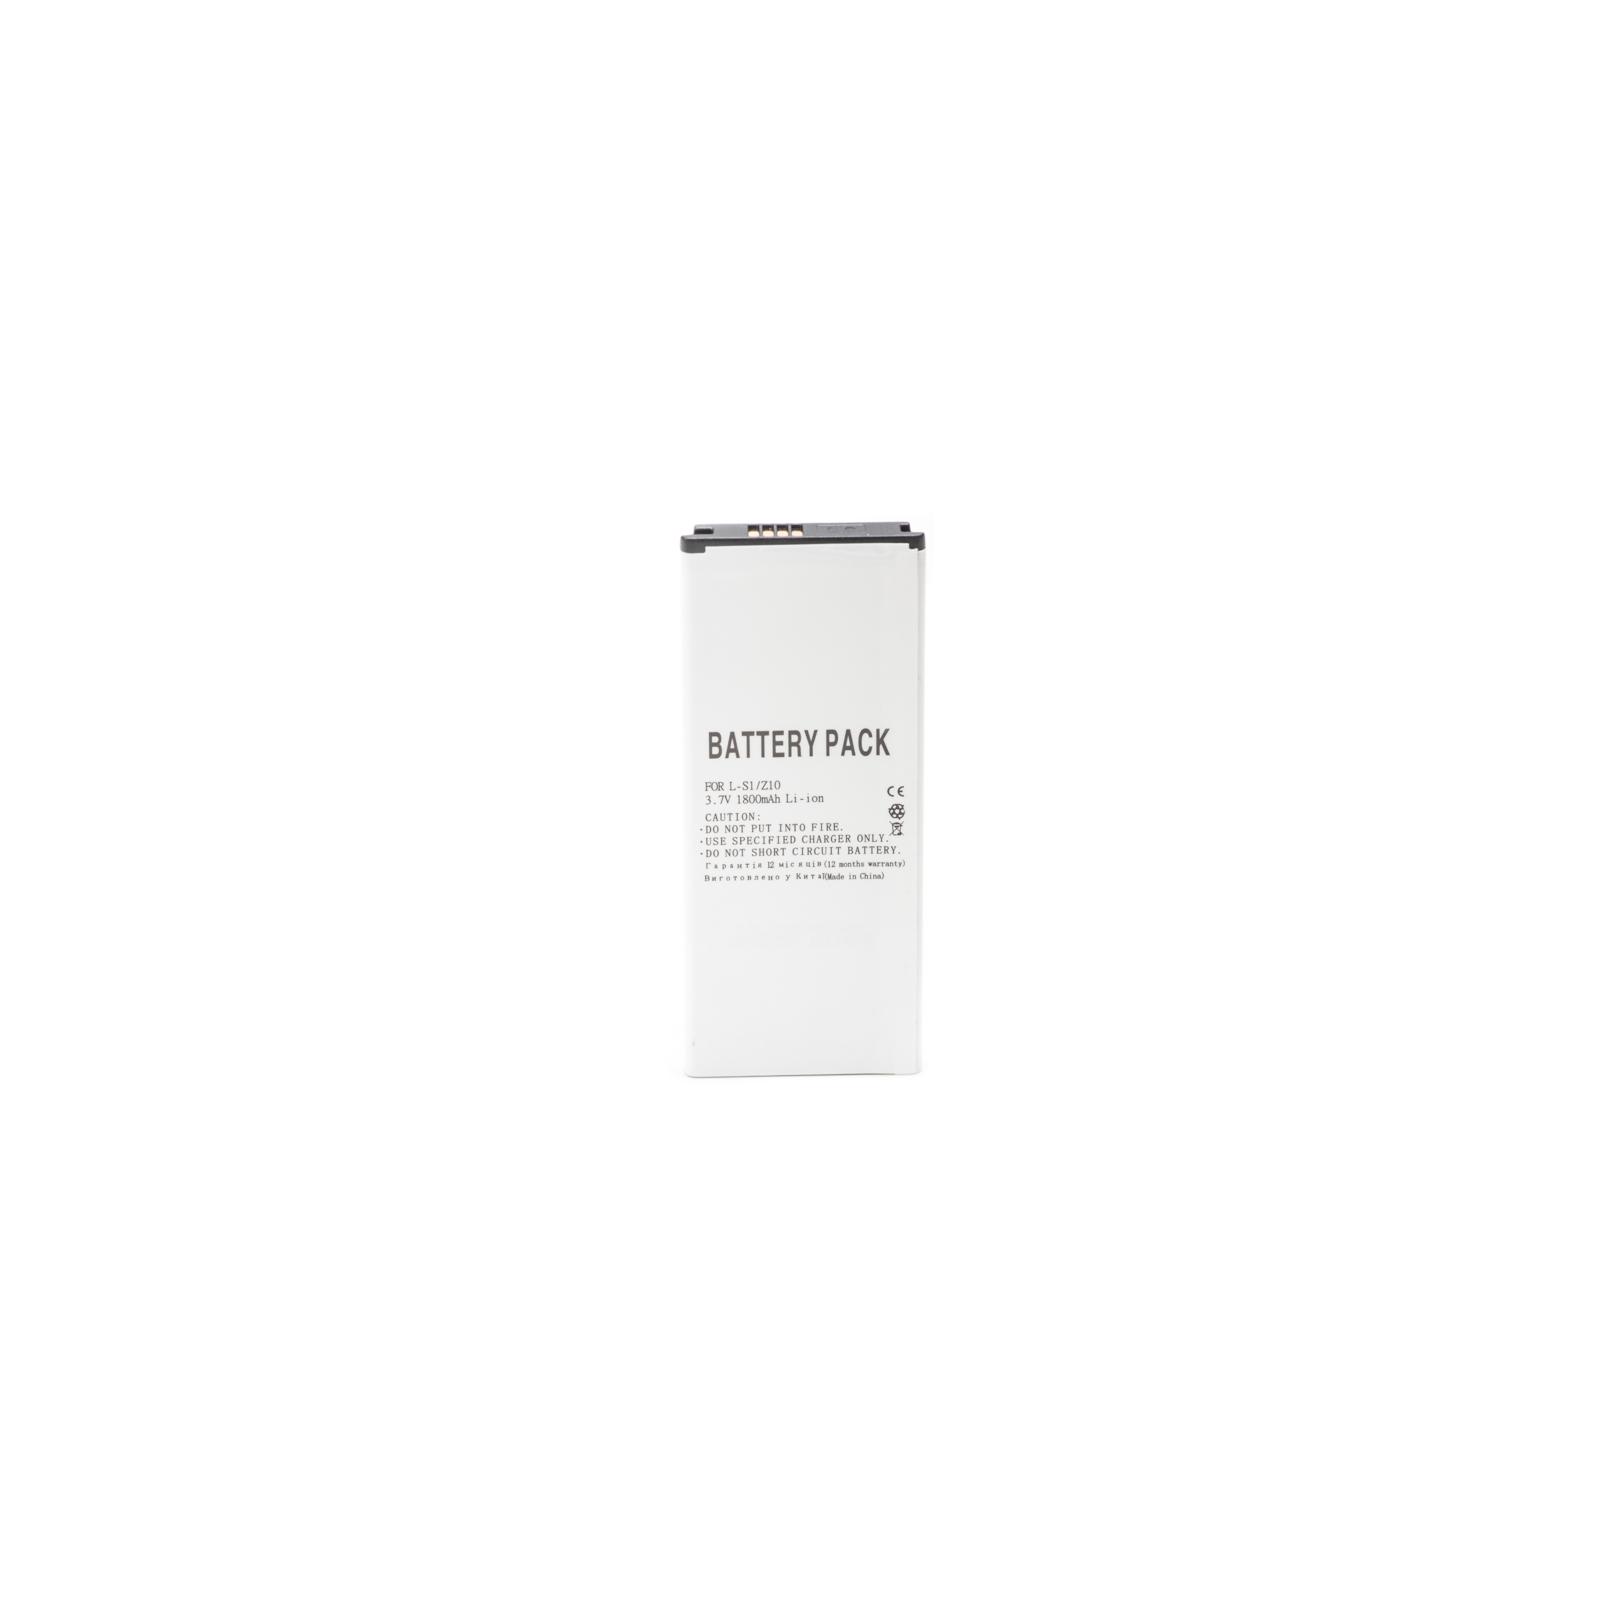 Аккумуляторная батарея PowerPlant Blackberry L-S1/Z10 (DV00DV6182) изображение 2